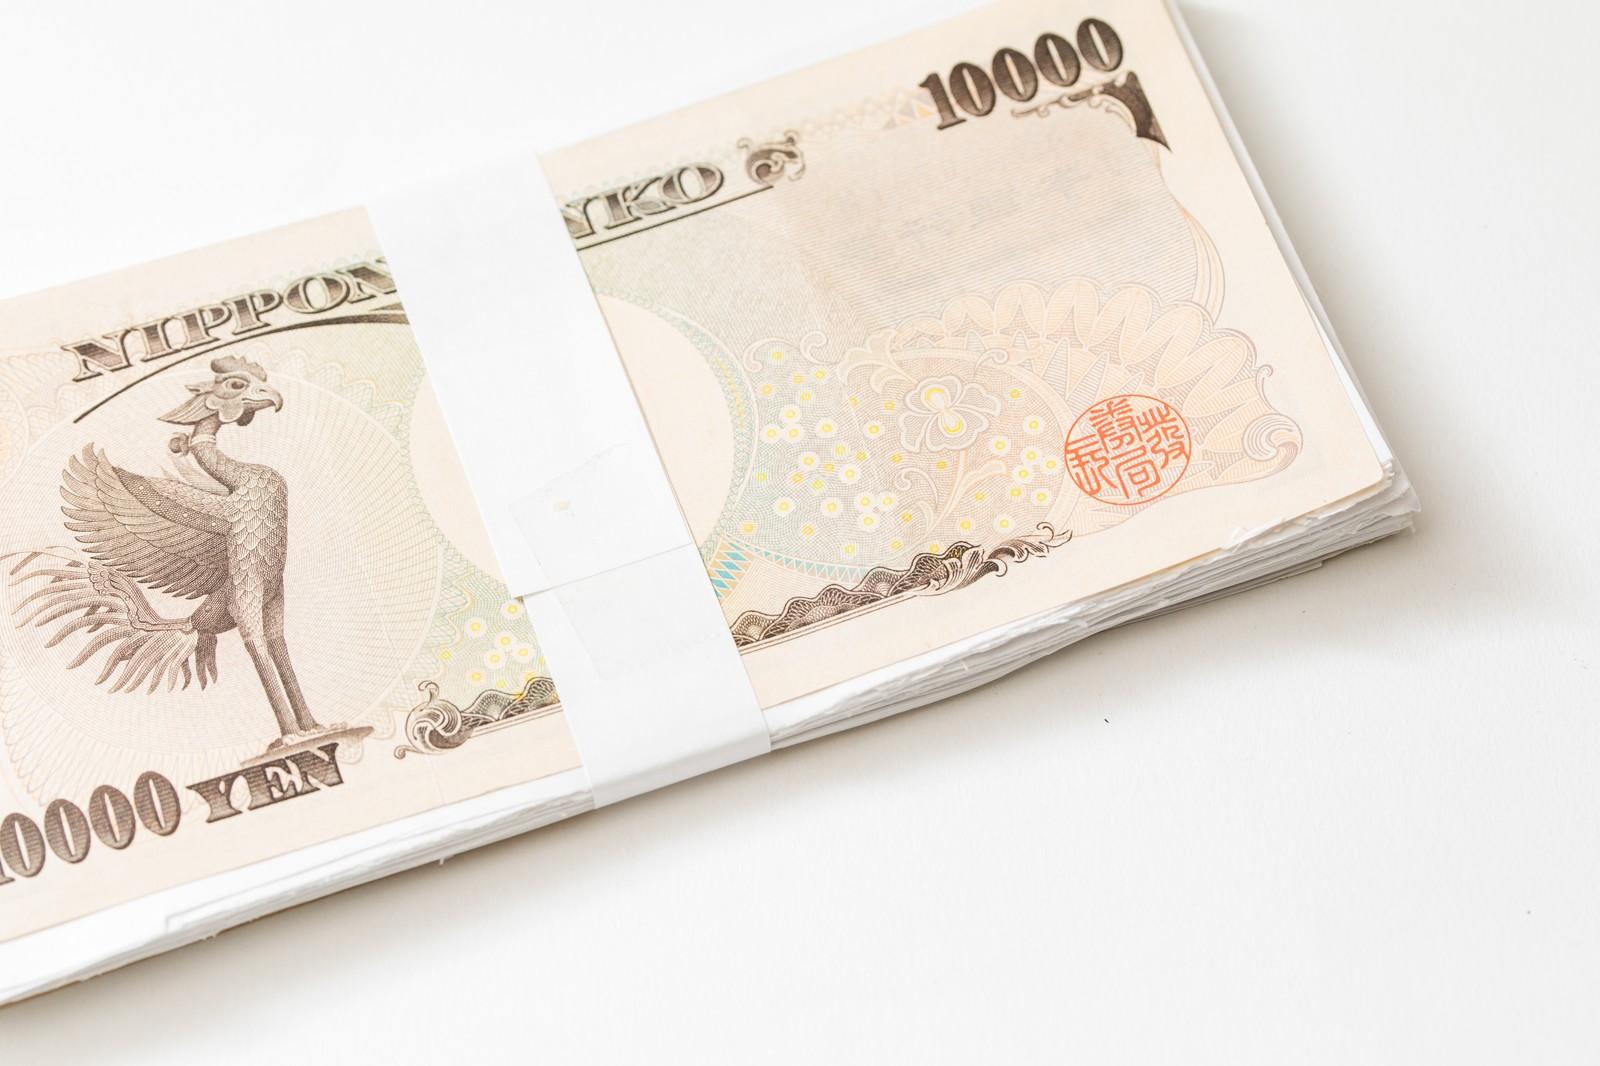 株式会社ドリームブライトのNURO光キャッシュバックが高額!